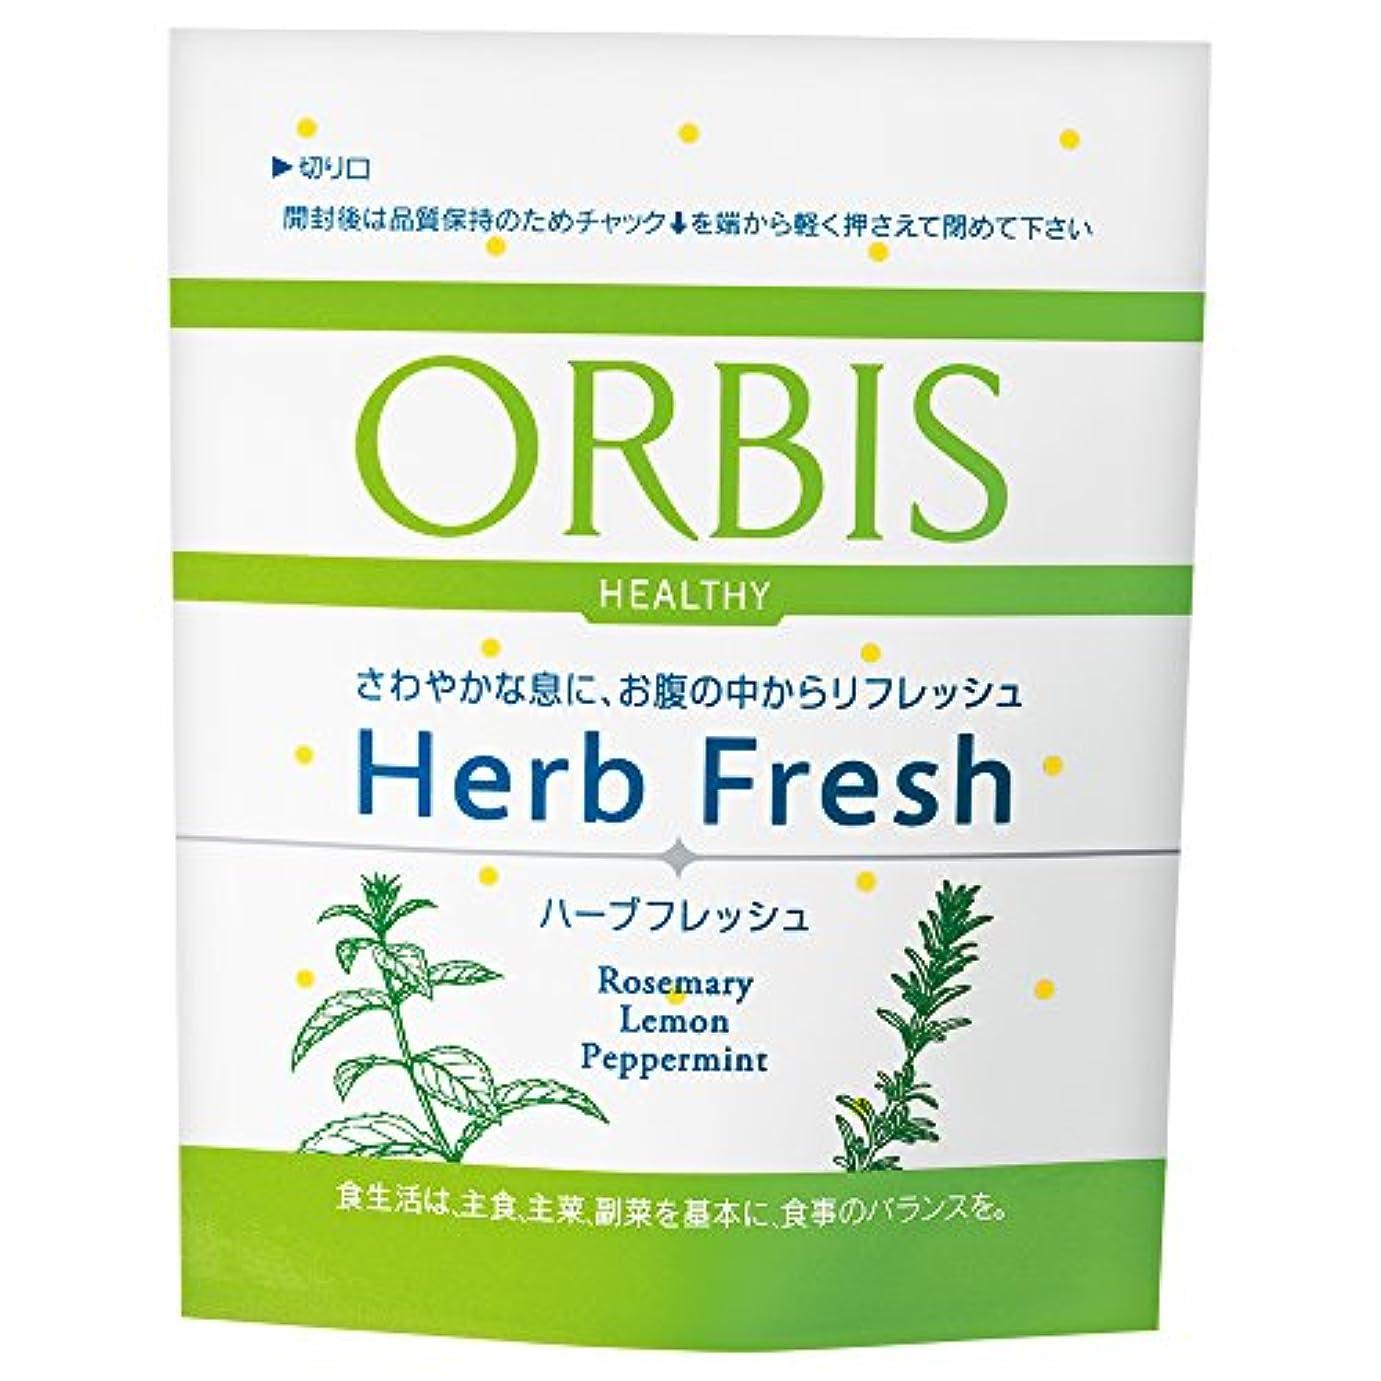 上下する広大な友だちオルビス(ORBIS) ハーブフレッシュ レギュラー 10~30日分(240mg×30粒) ◎エチケットサプリメント◎